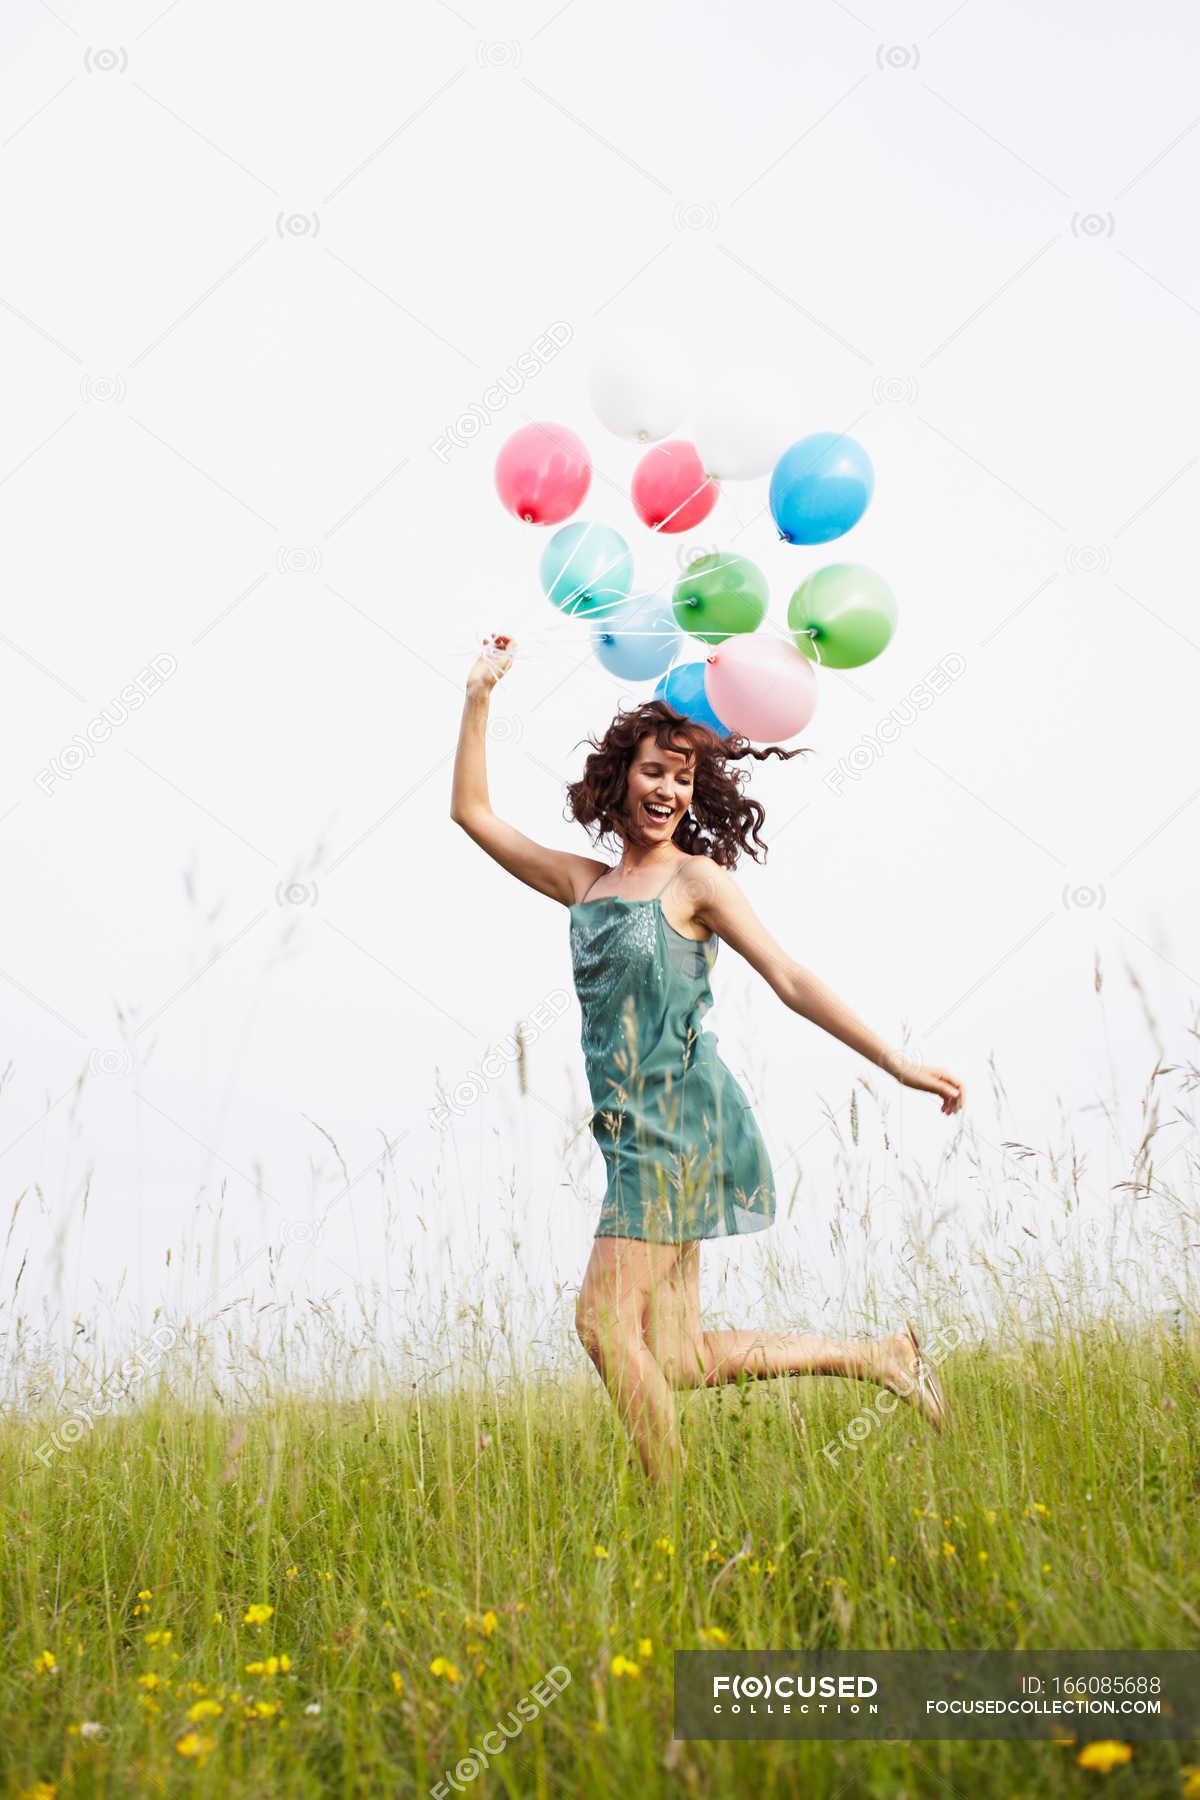 жалко как сделать фото м шарикам в прыжке распространена